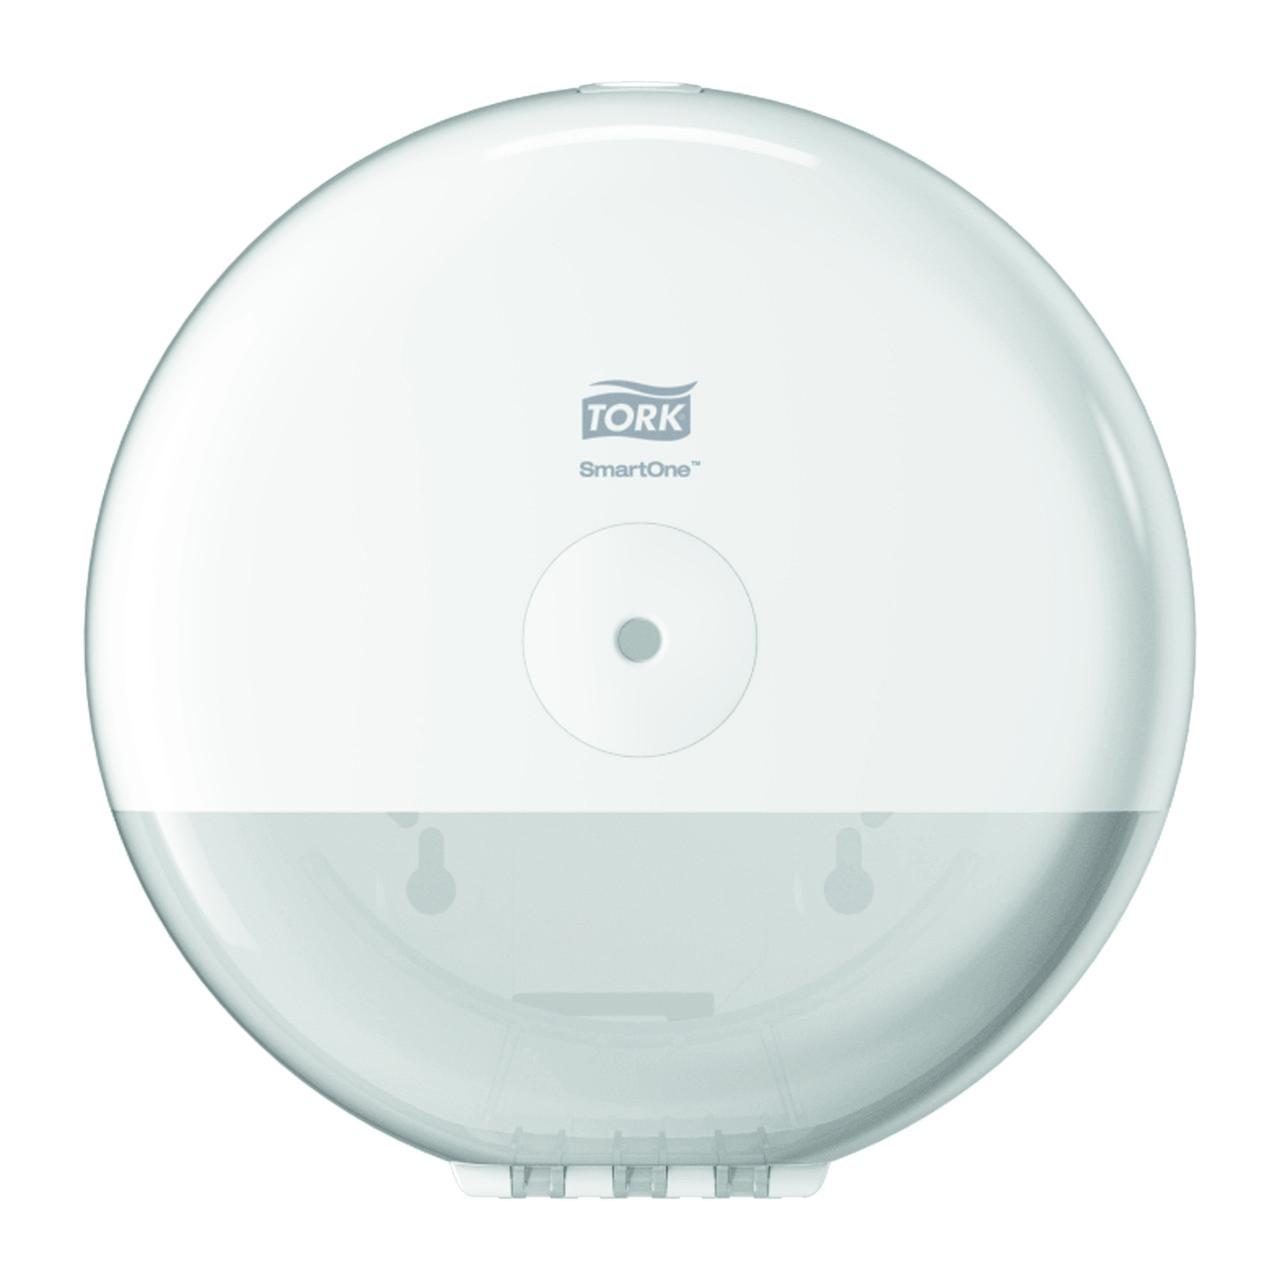 Диспенсер для туалетной бумаги в мини-рулонах Tork SmartOne, белый 681000